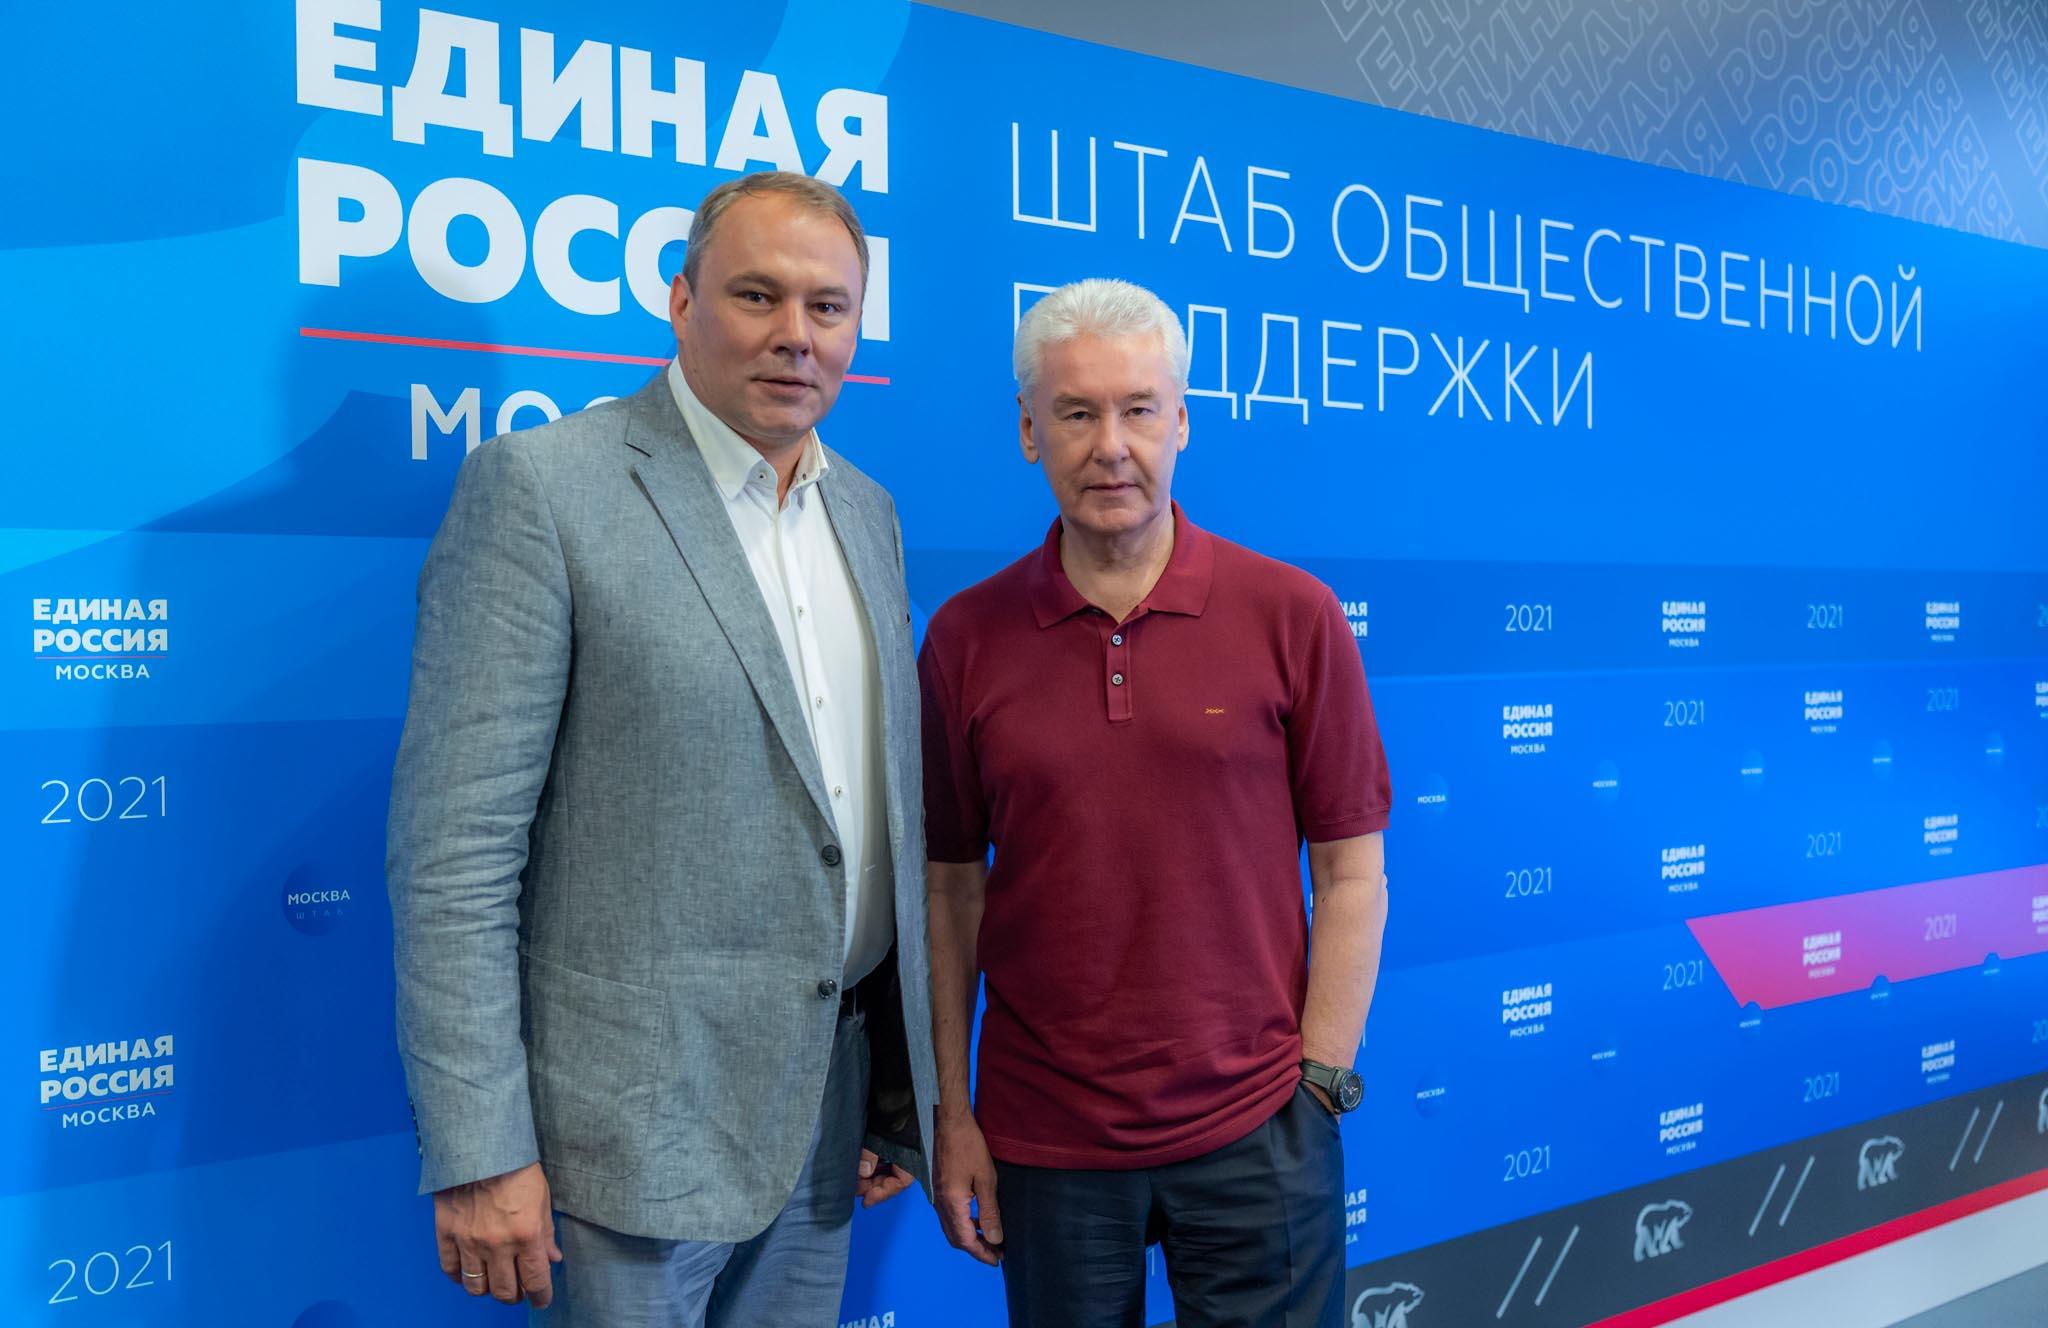 В список Собянина вошли 15 кандидатов в депутаты Госдумы